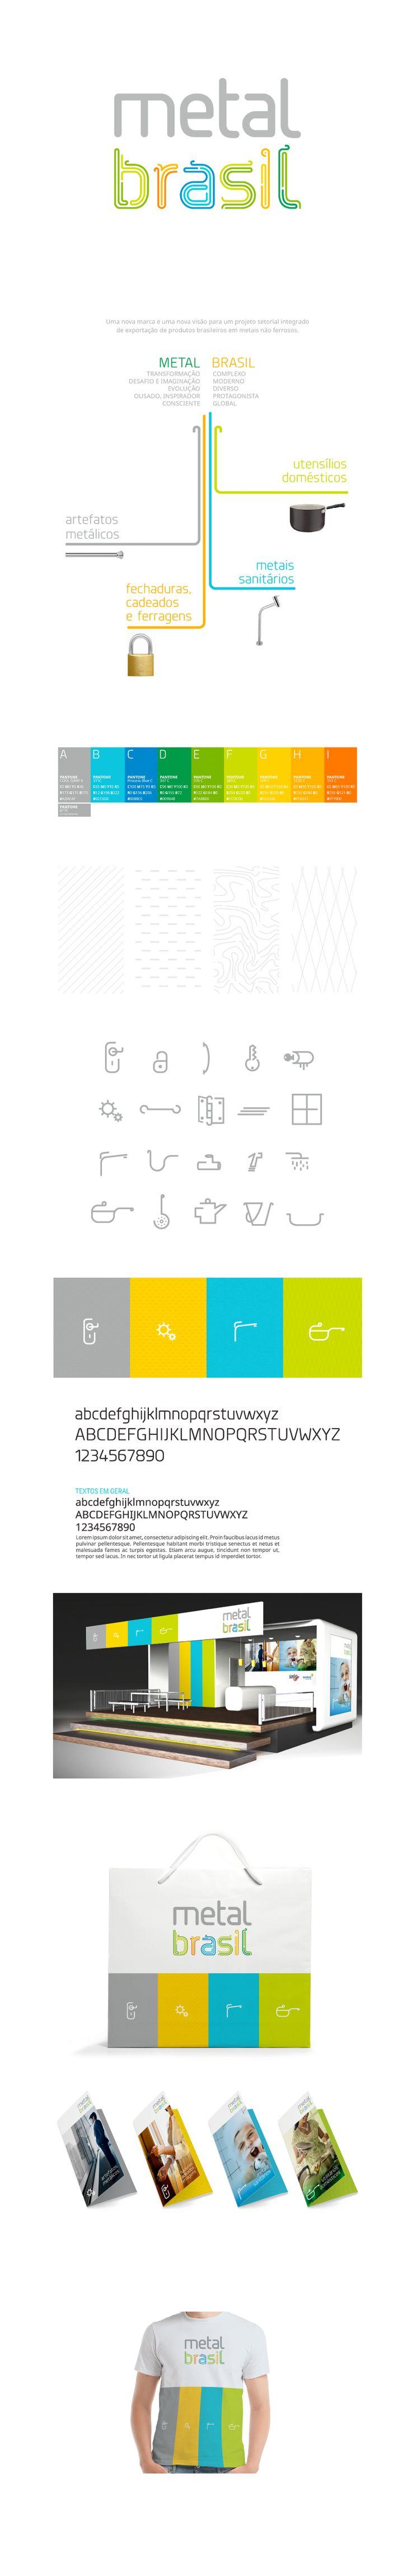 Uma nova marca e uma nova visão para um projeto setorial integrado de exportação de produtos brasileiros em metais não ferrosos.  Esta iniciativa de promoção no exterior é de realização de Siamfesp e Apex Brasil, que demandaram o reposicionamento da marca.